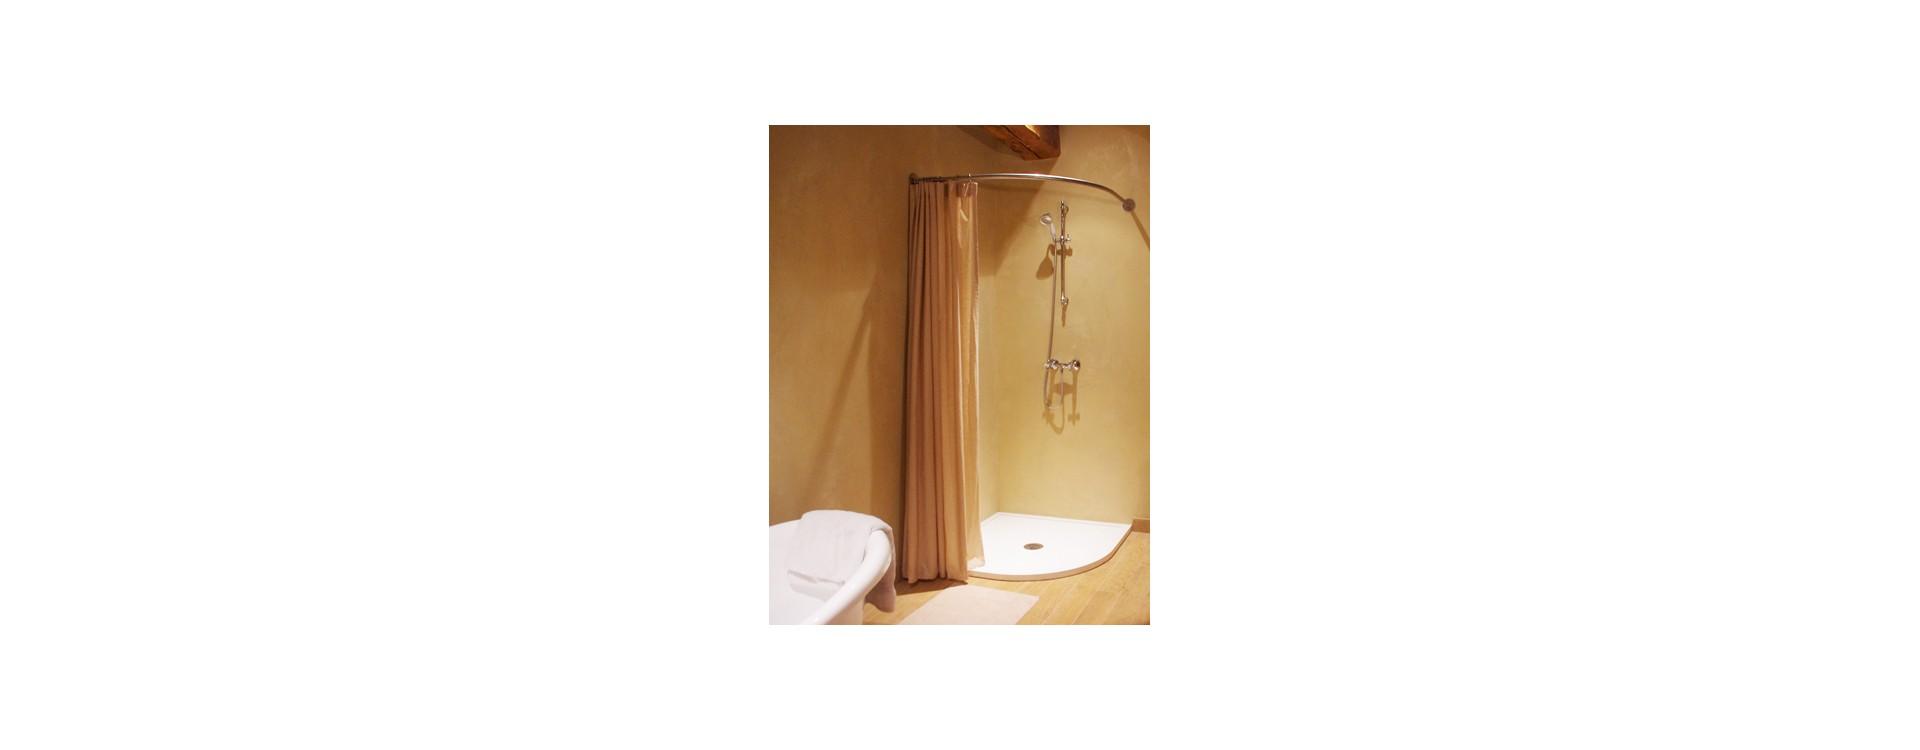 Porte rideau GalboBain TS95 et bac de douche quart de rond 100x100